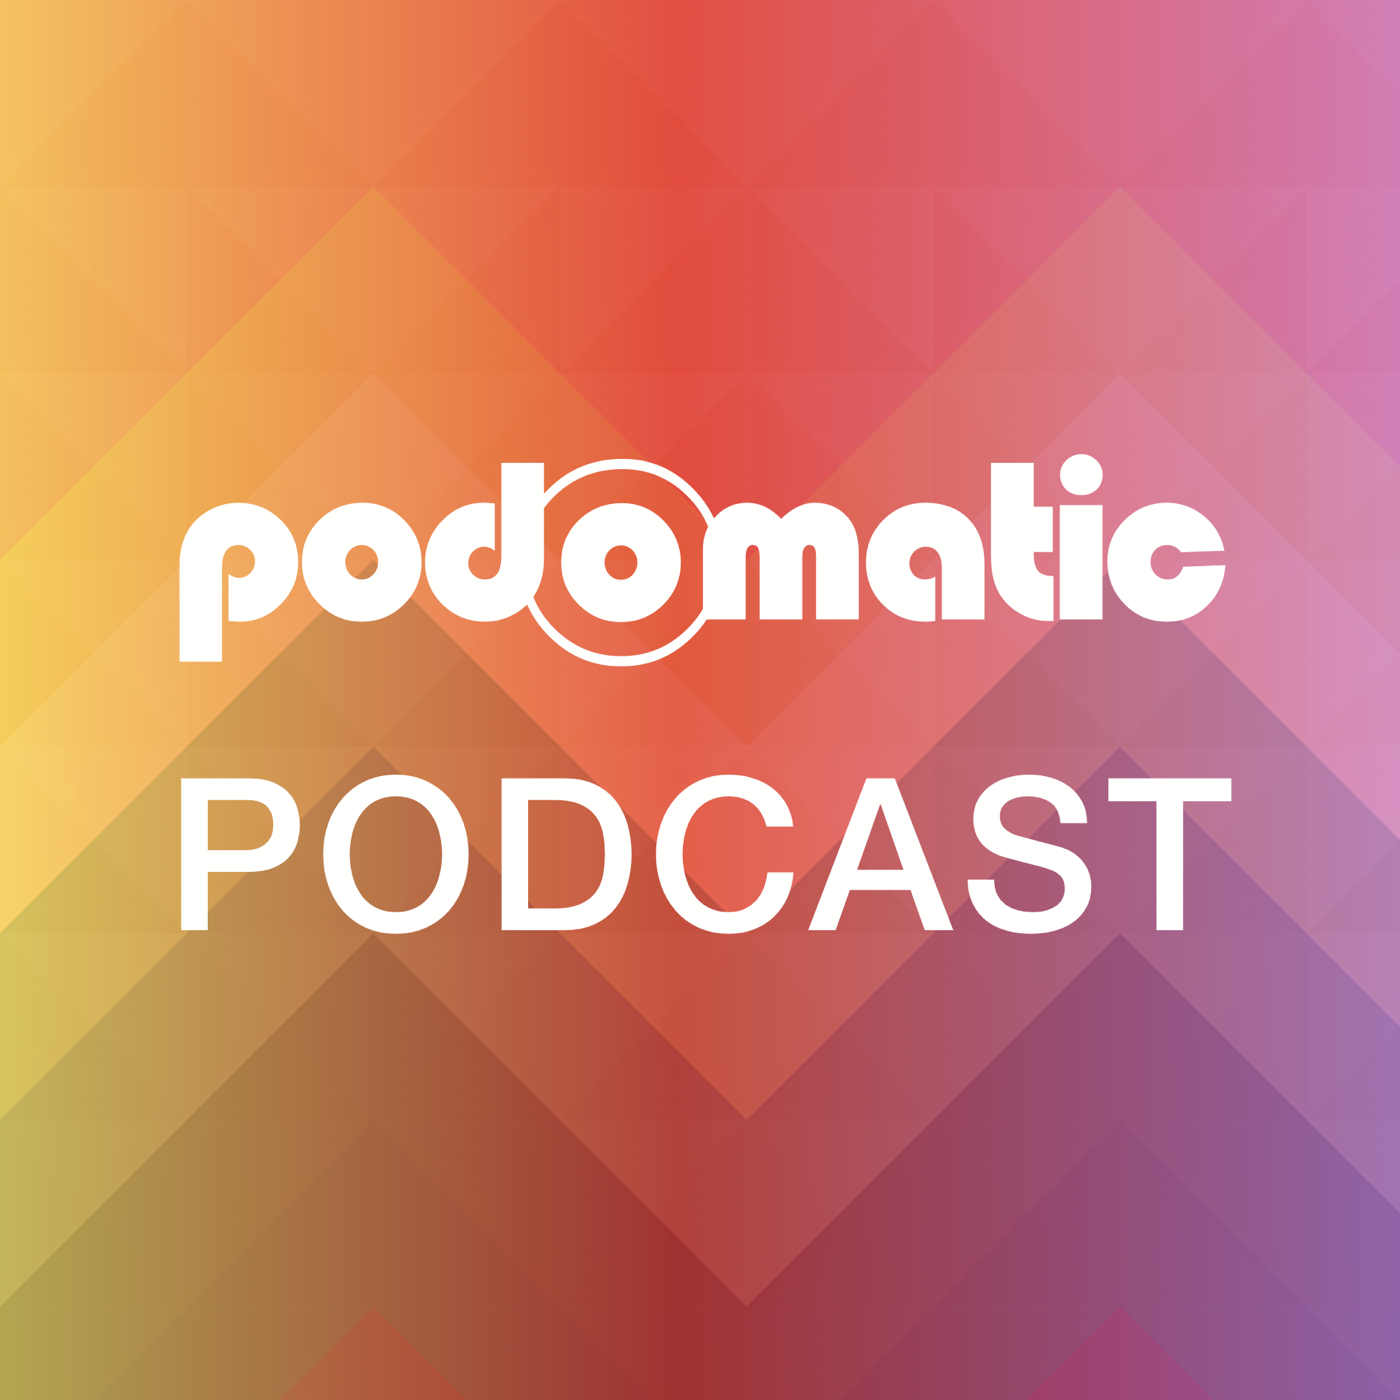 William Abrams' Podcast